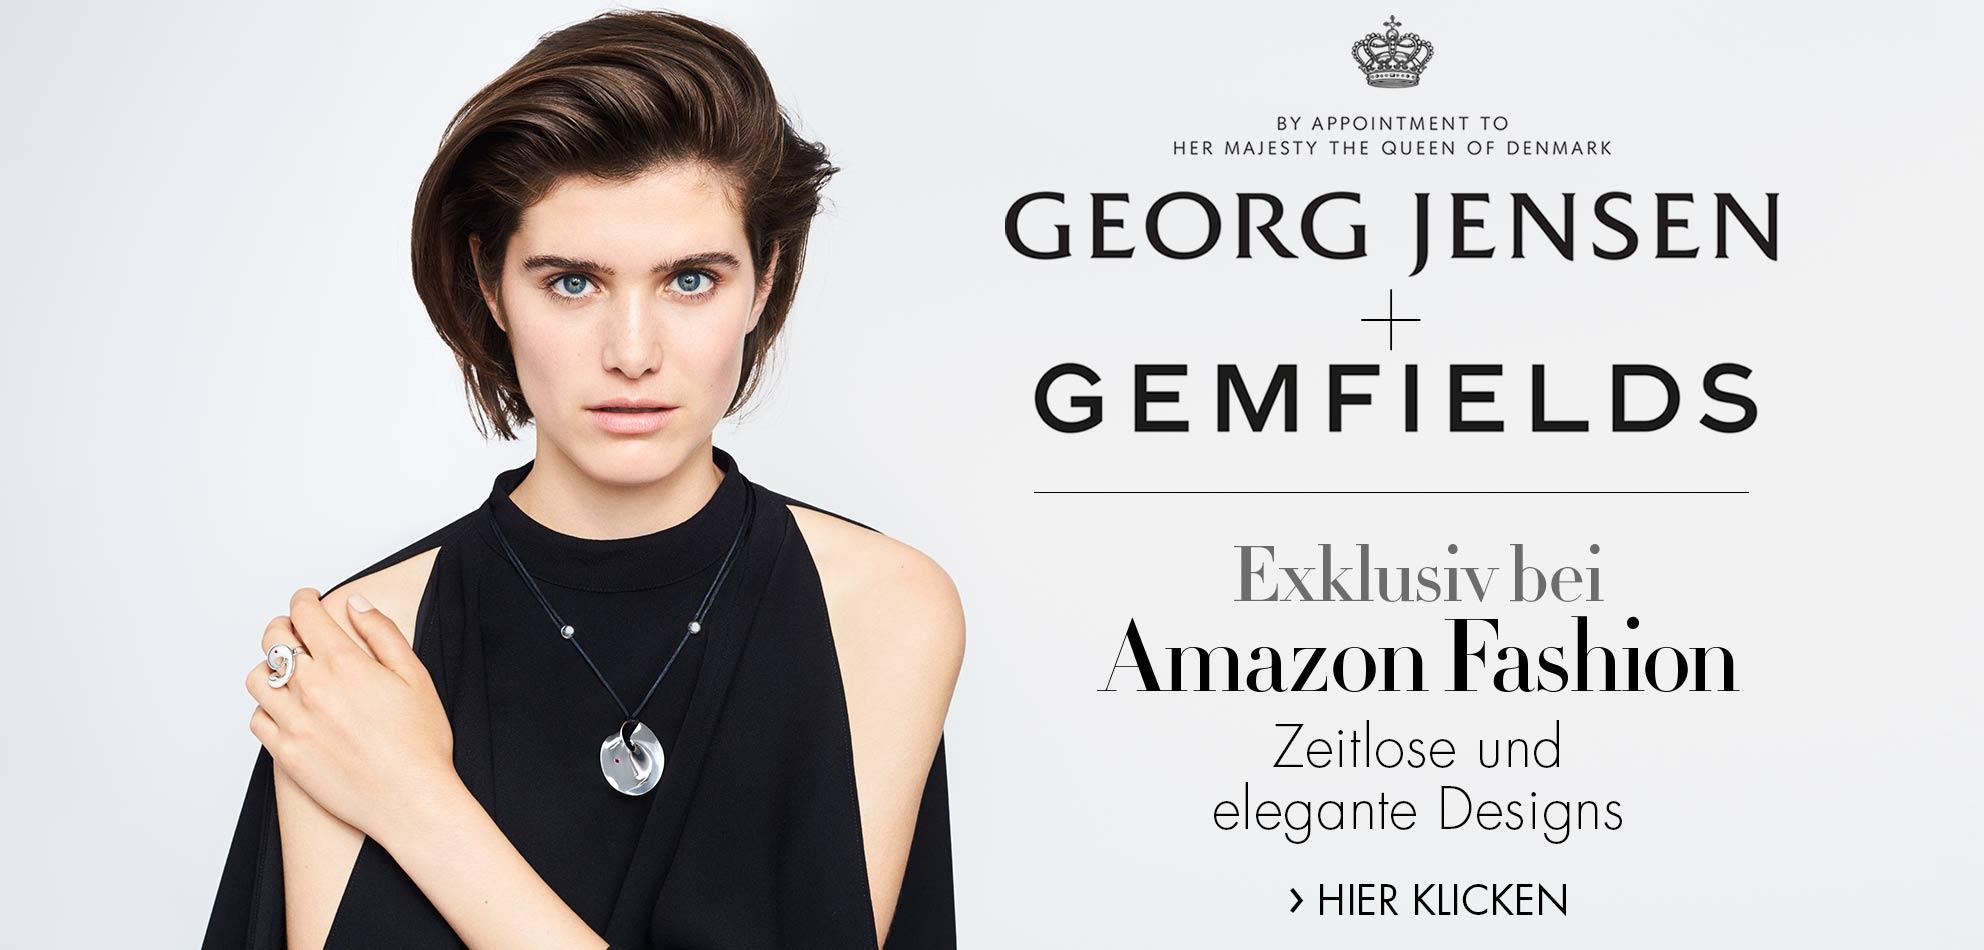 Georg Jensen + Gemfields Kollaboration